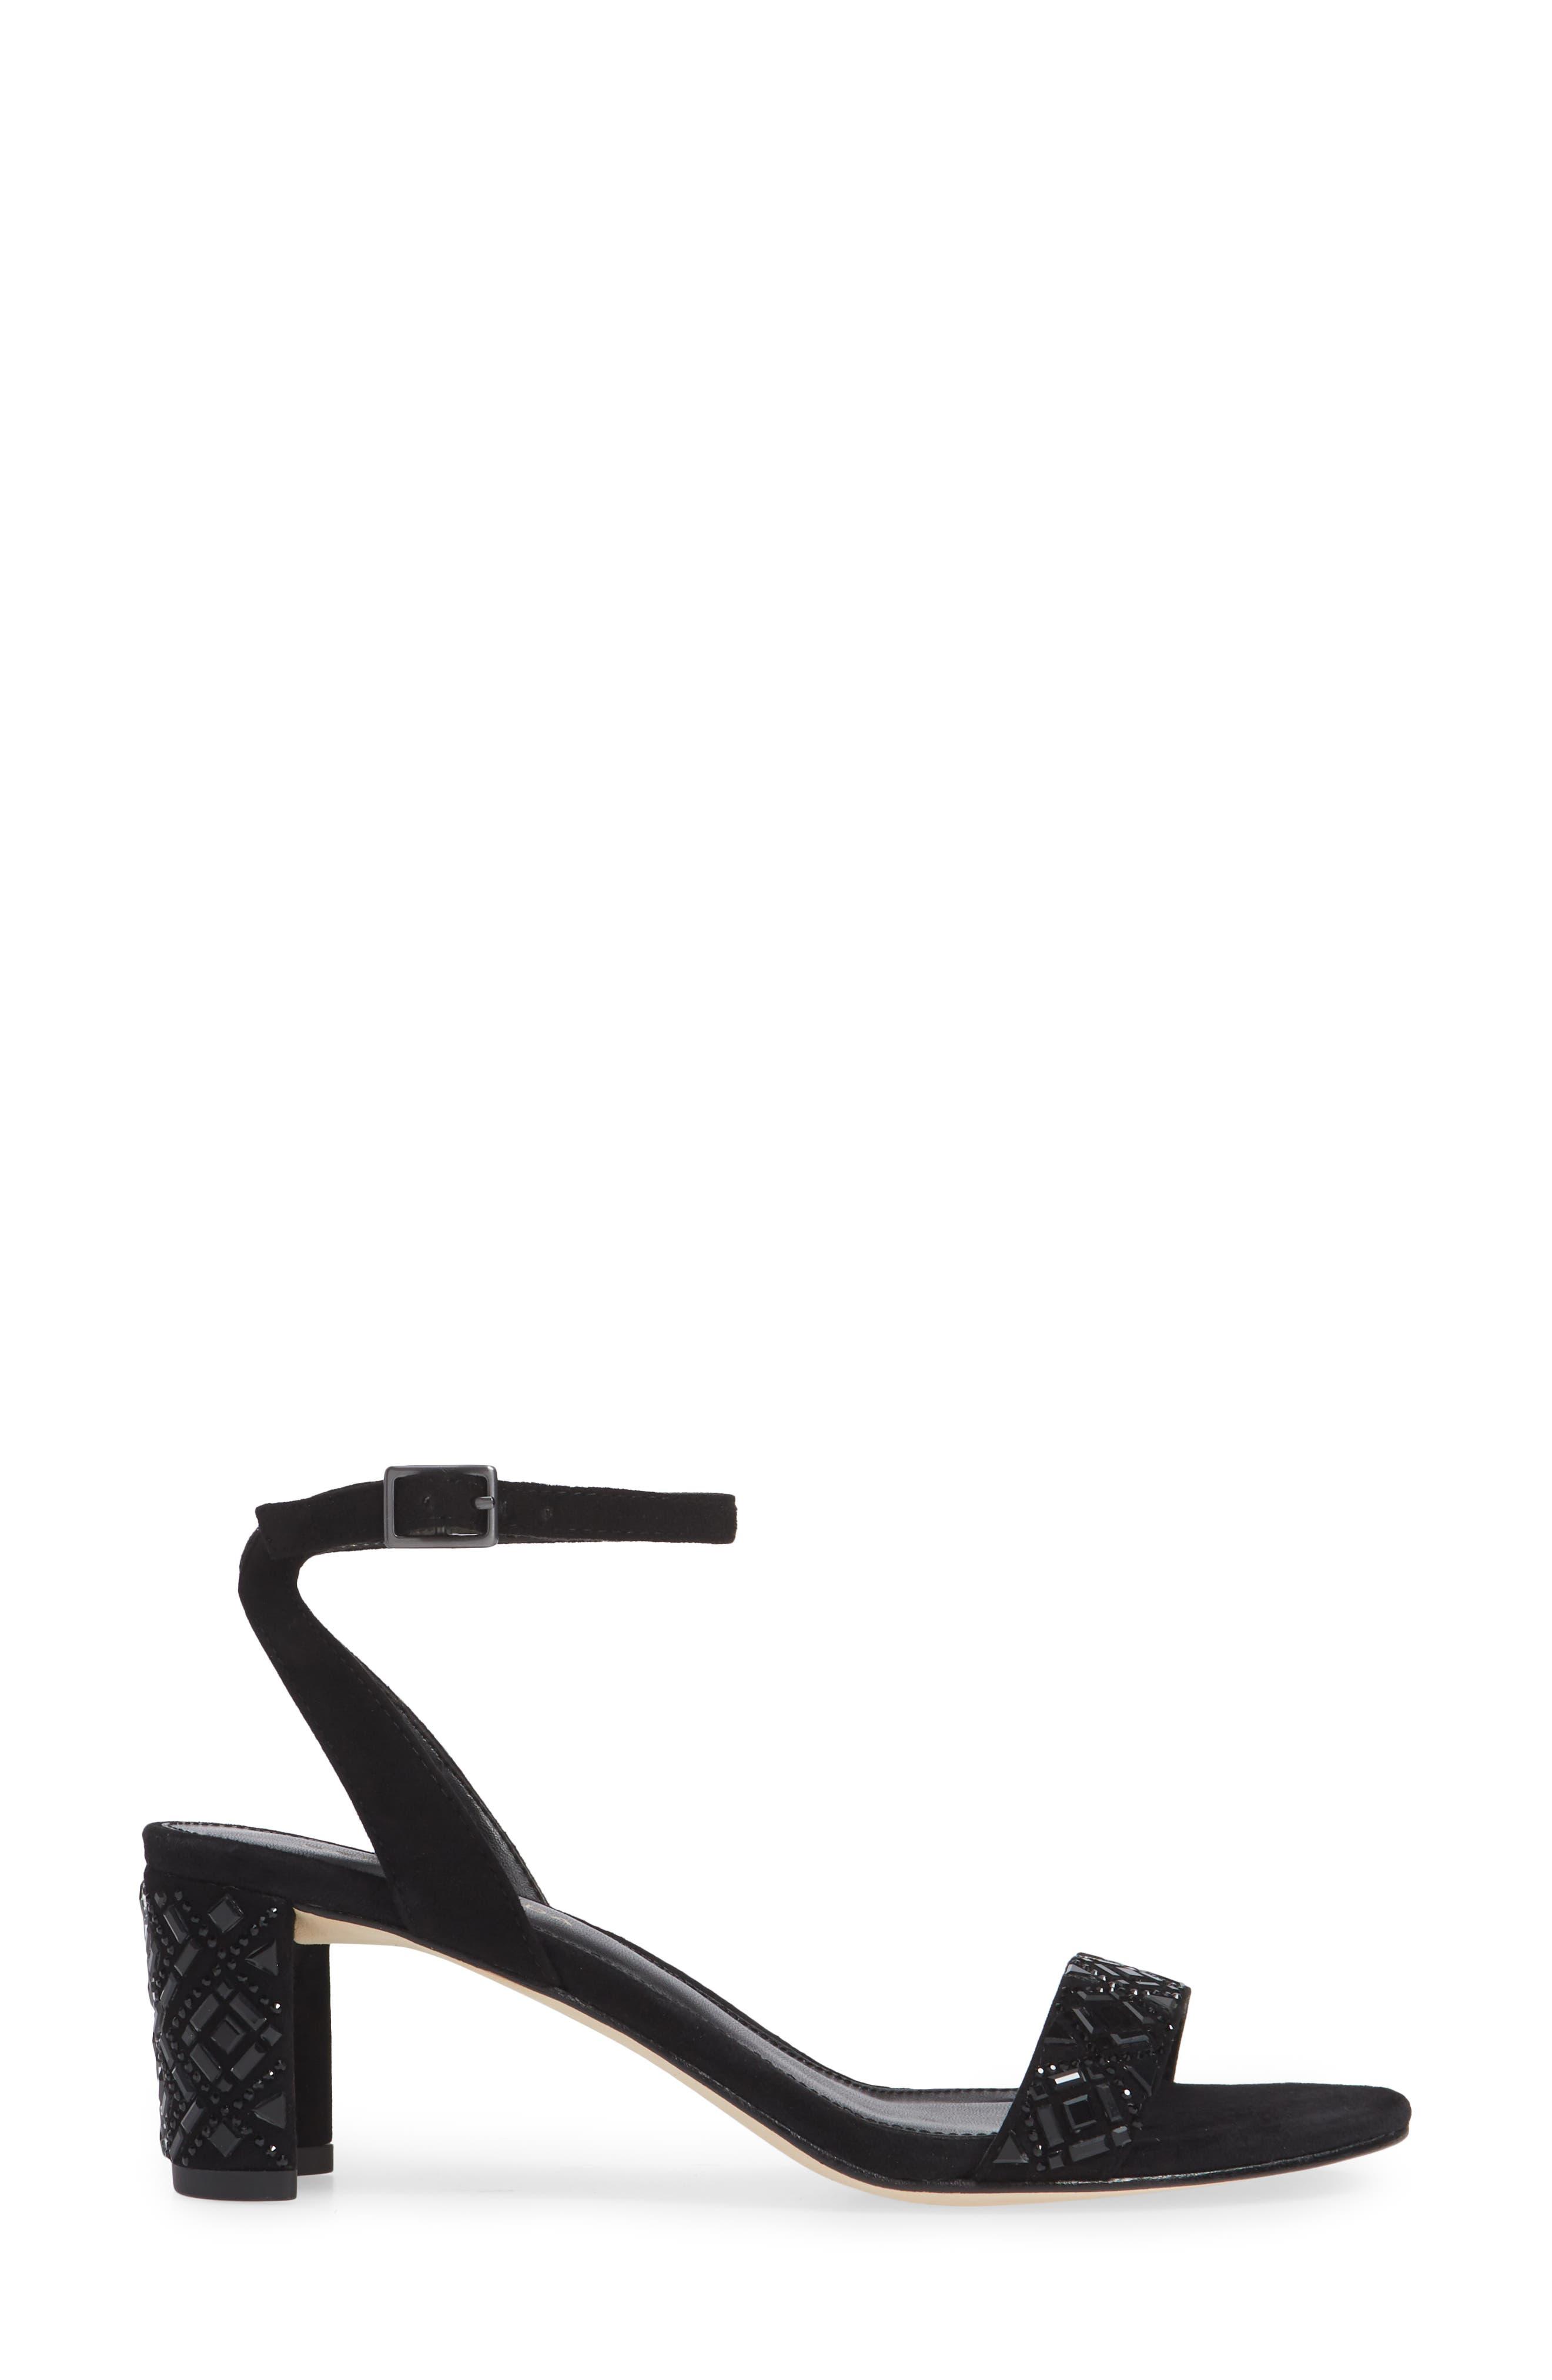 Moira Crystal Embellished Sandal,                             Alternate thumbnail 3, color,                             BLACK SUEDE